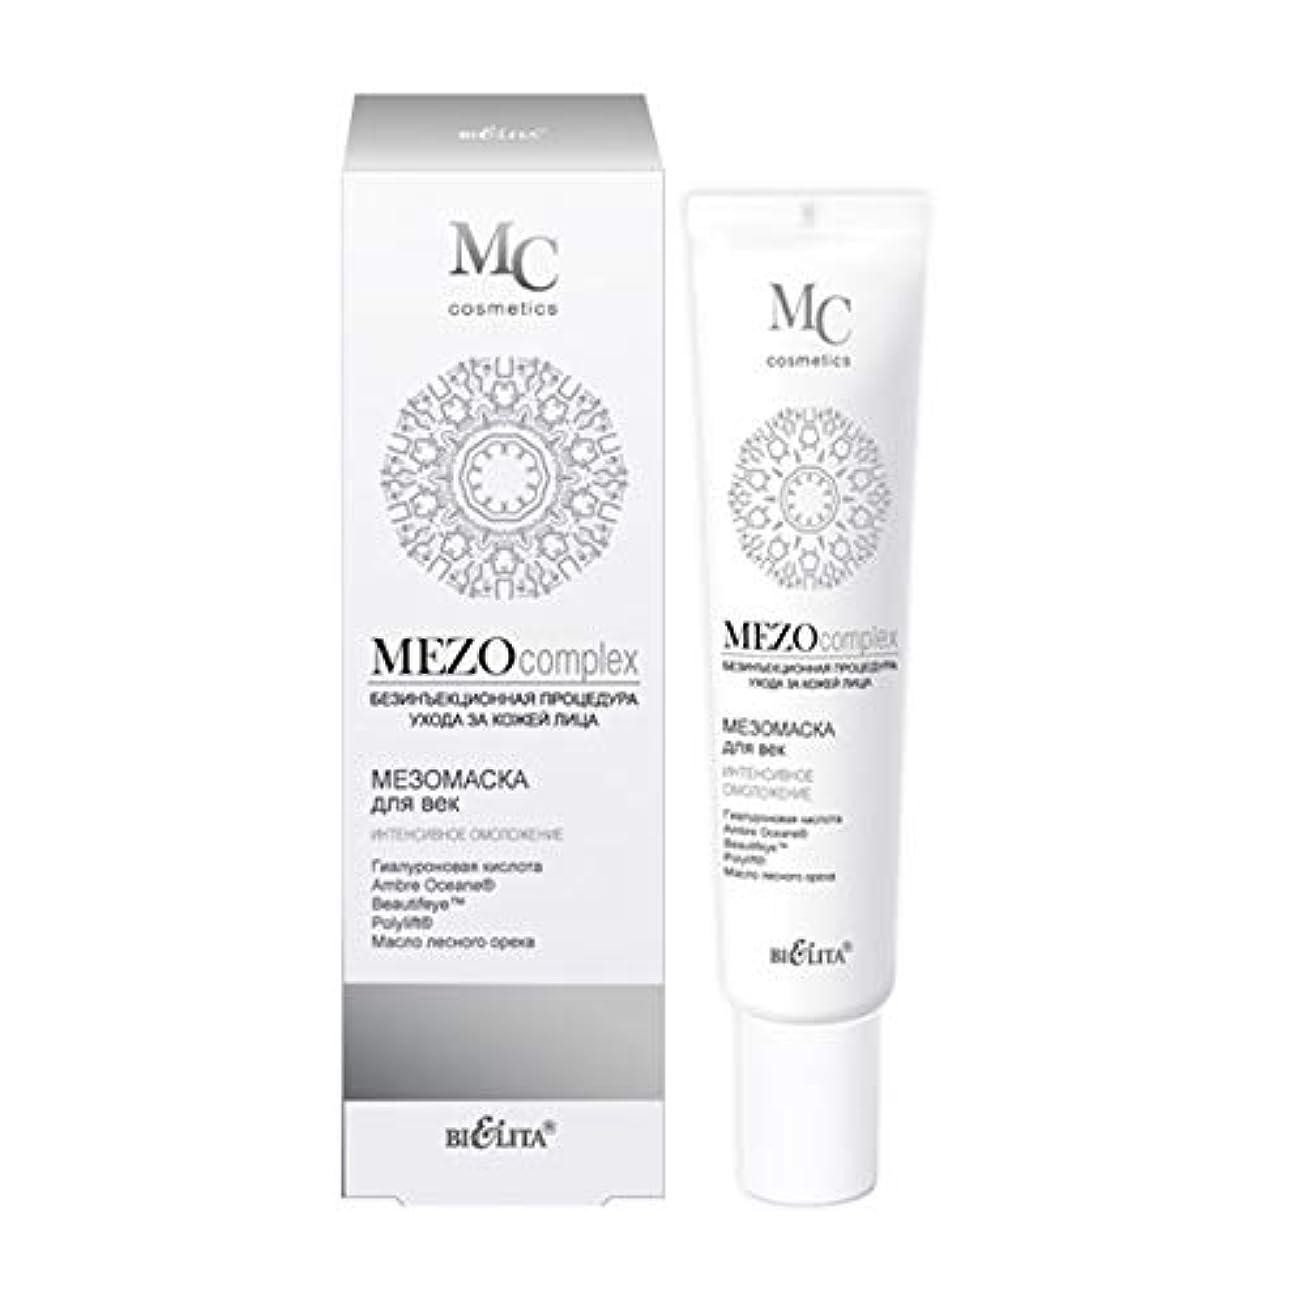 下にラグ解説Mezo complex | Mezo MASK for eyelids | Non-injection facial skin care procedure | Hyaluronic acid | Ambre Oceane...